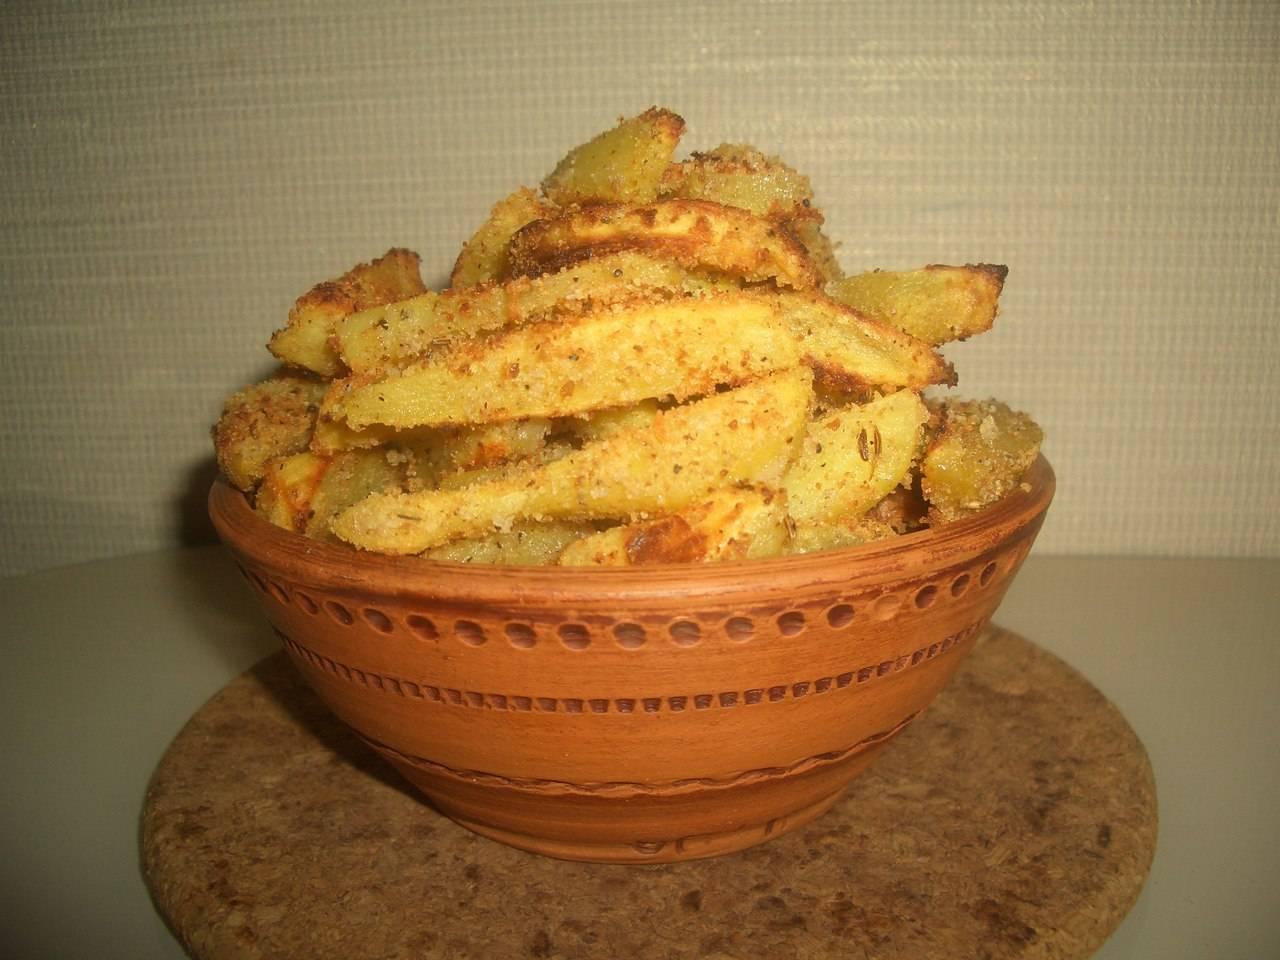 Молодой картофель в сухарях рецепт с фото, готовим запеченный молодой картофель в сухарях на webspoon.ru